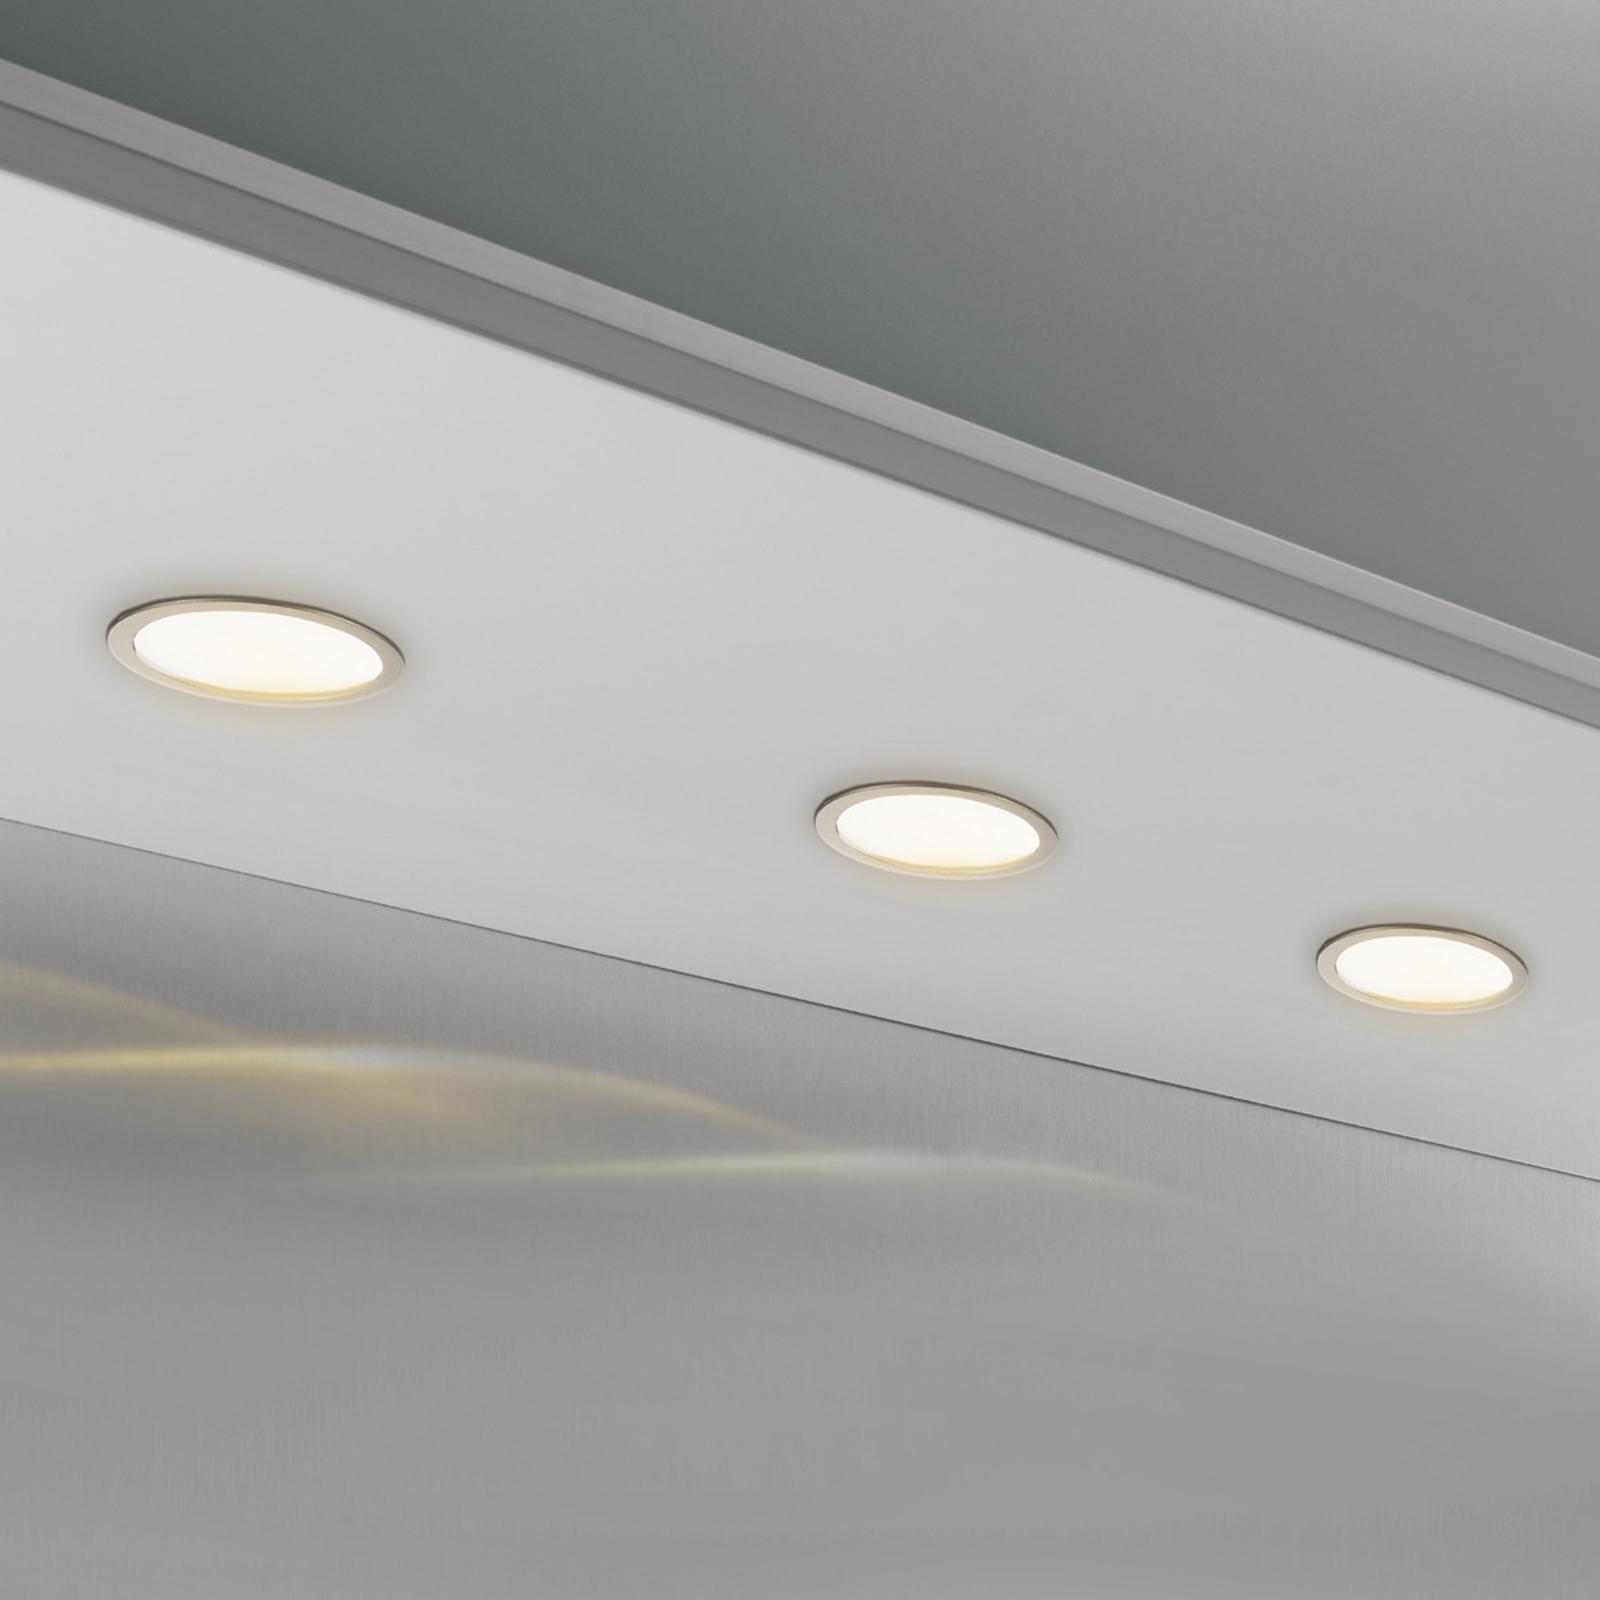 Moderne inbouwverlichting CUBIC 68 - rond nikkel